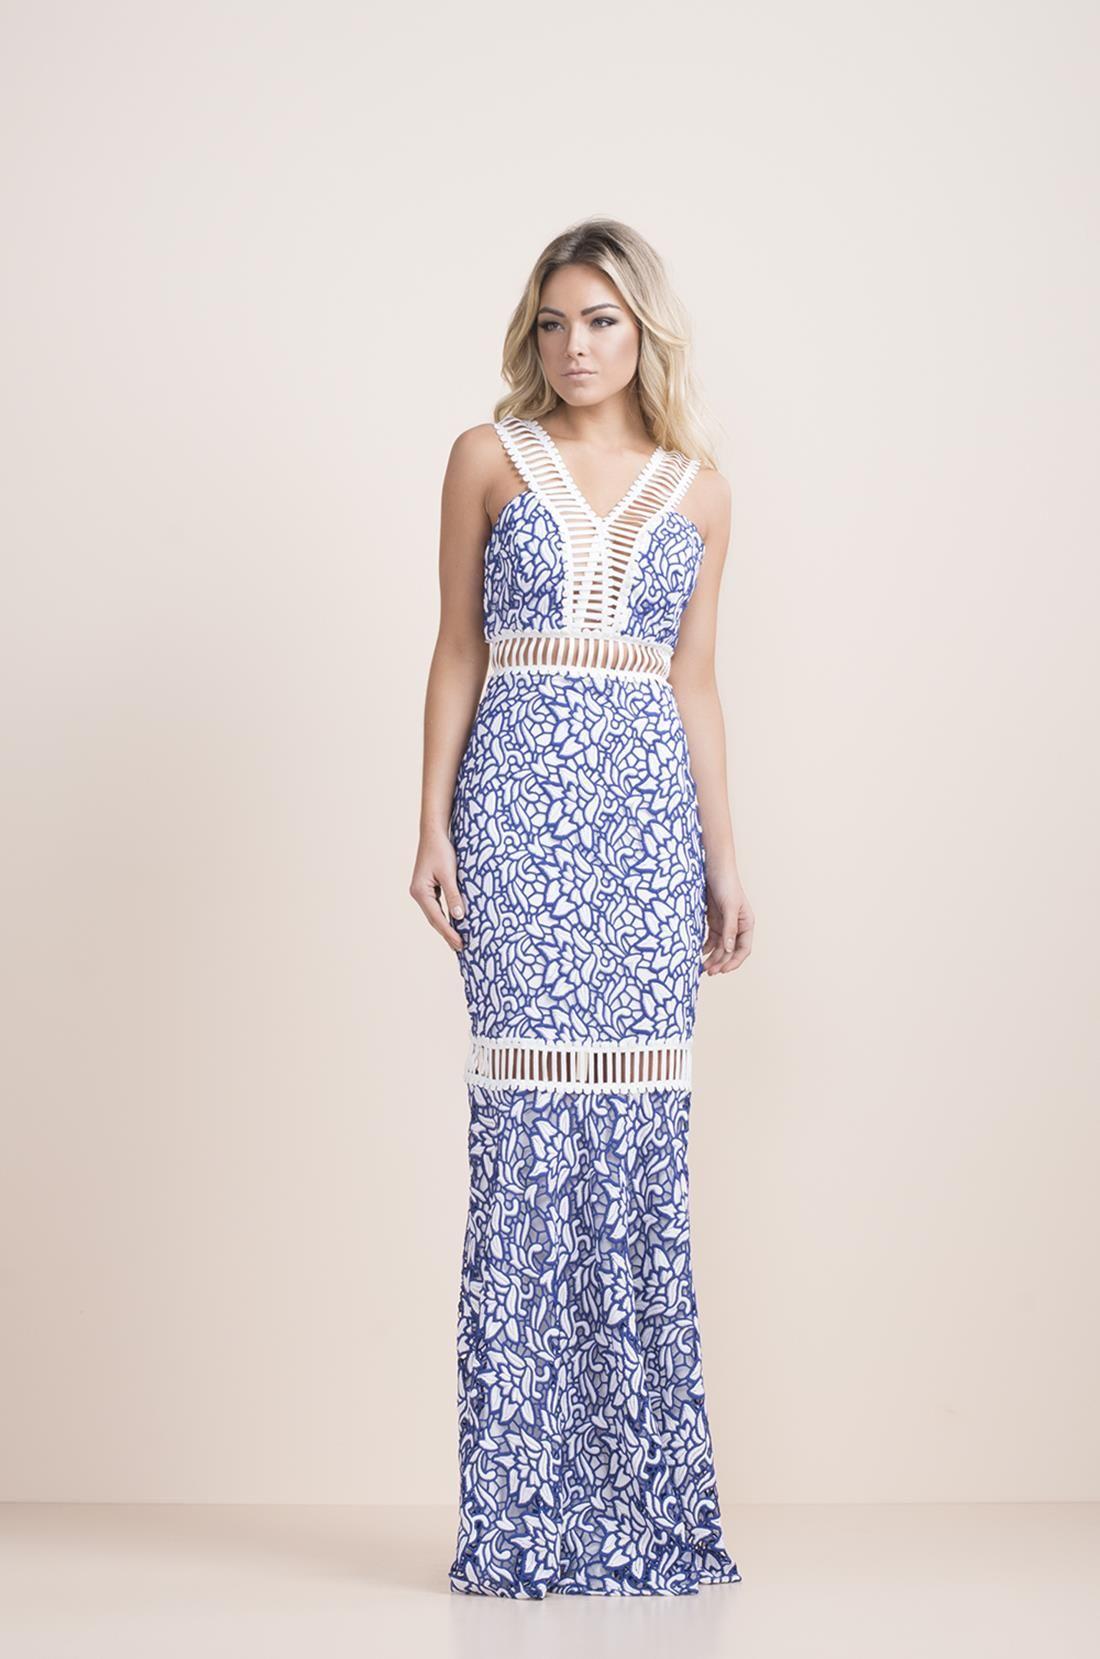 bded63a084 Vestido Longo Renda Azul e Branco Detalhe Alça